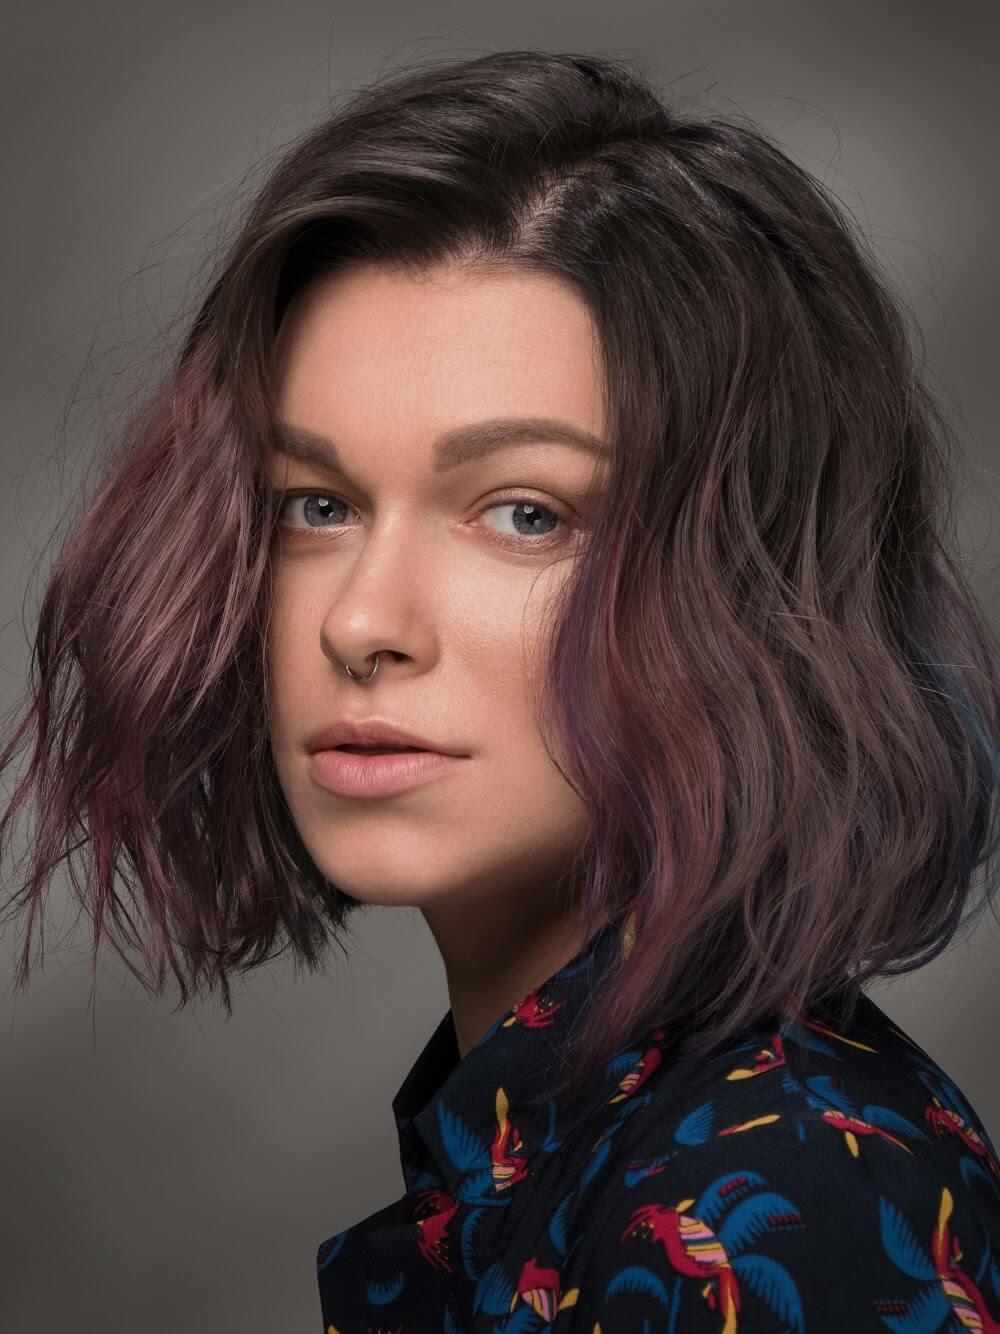 Ребенок диско: Hair-стилист Taras Richter о тенденциях современности и концепций будущего-Фото 6